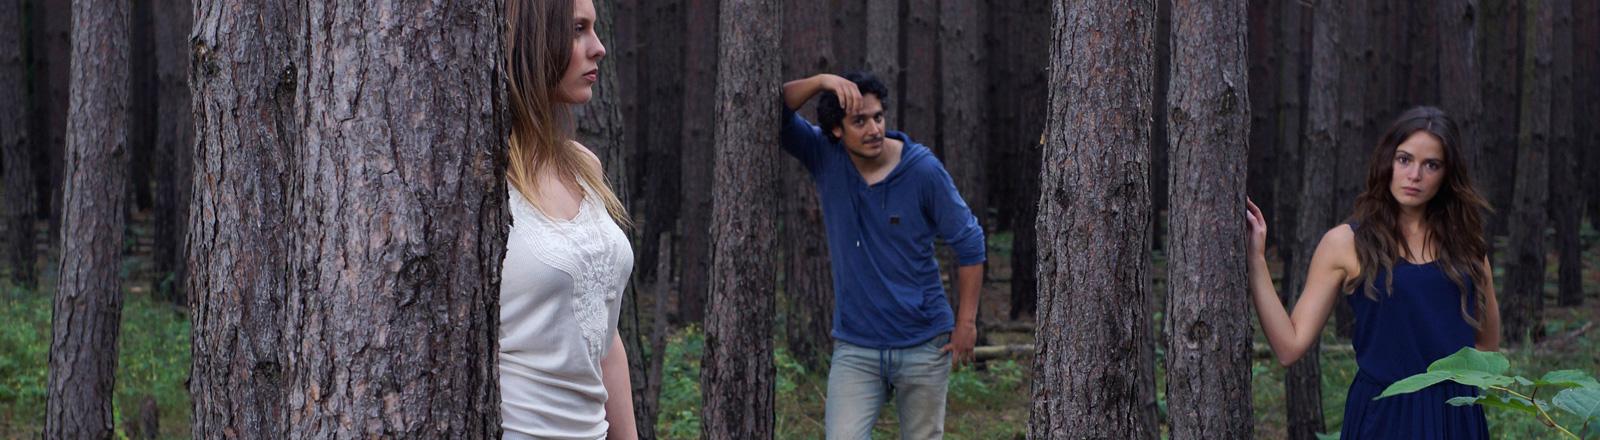 In einem Wald stehen zwei Frauen und ein Mann. Alle schauen in eine andere Richtung.